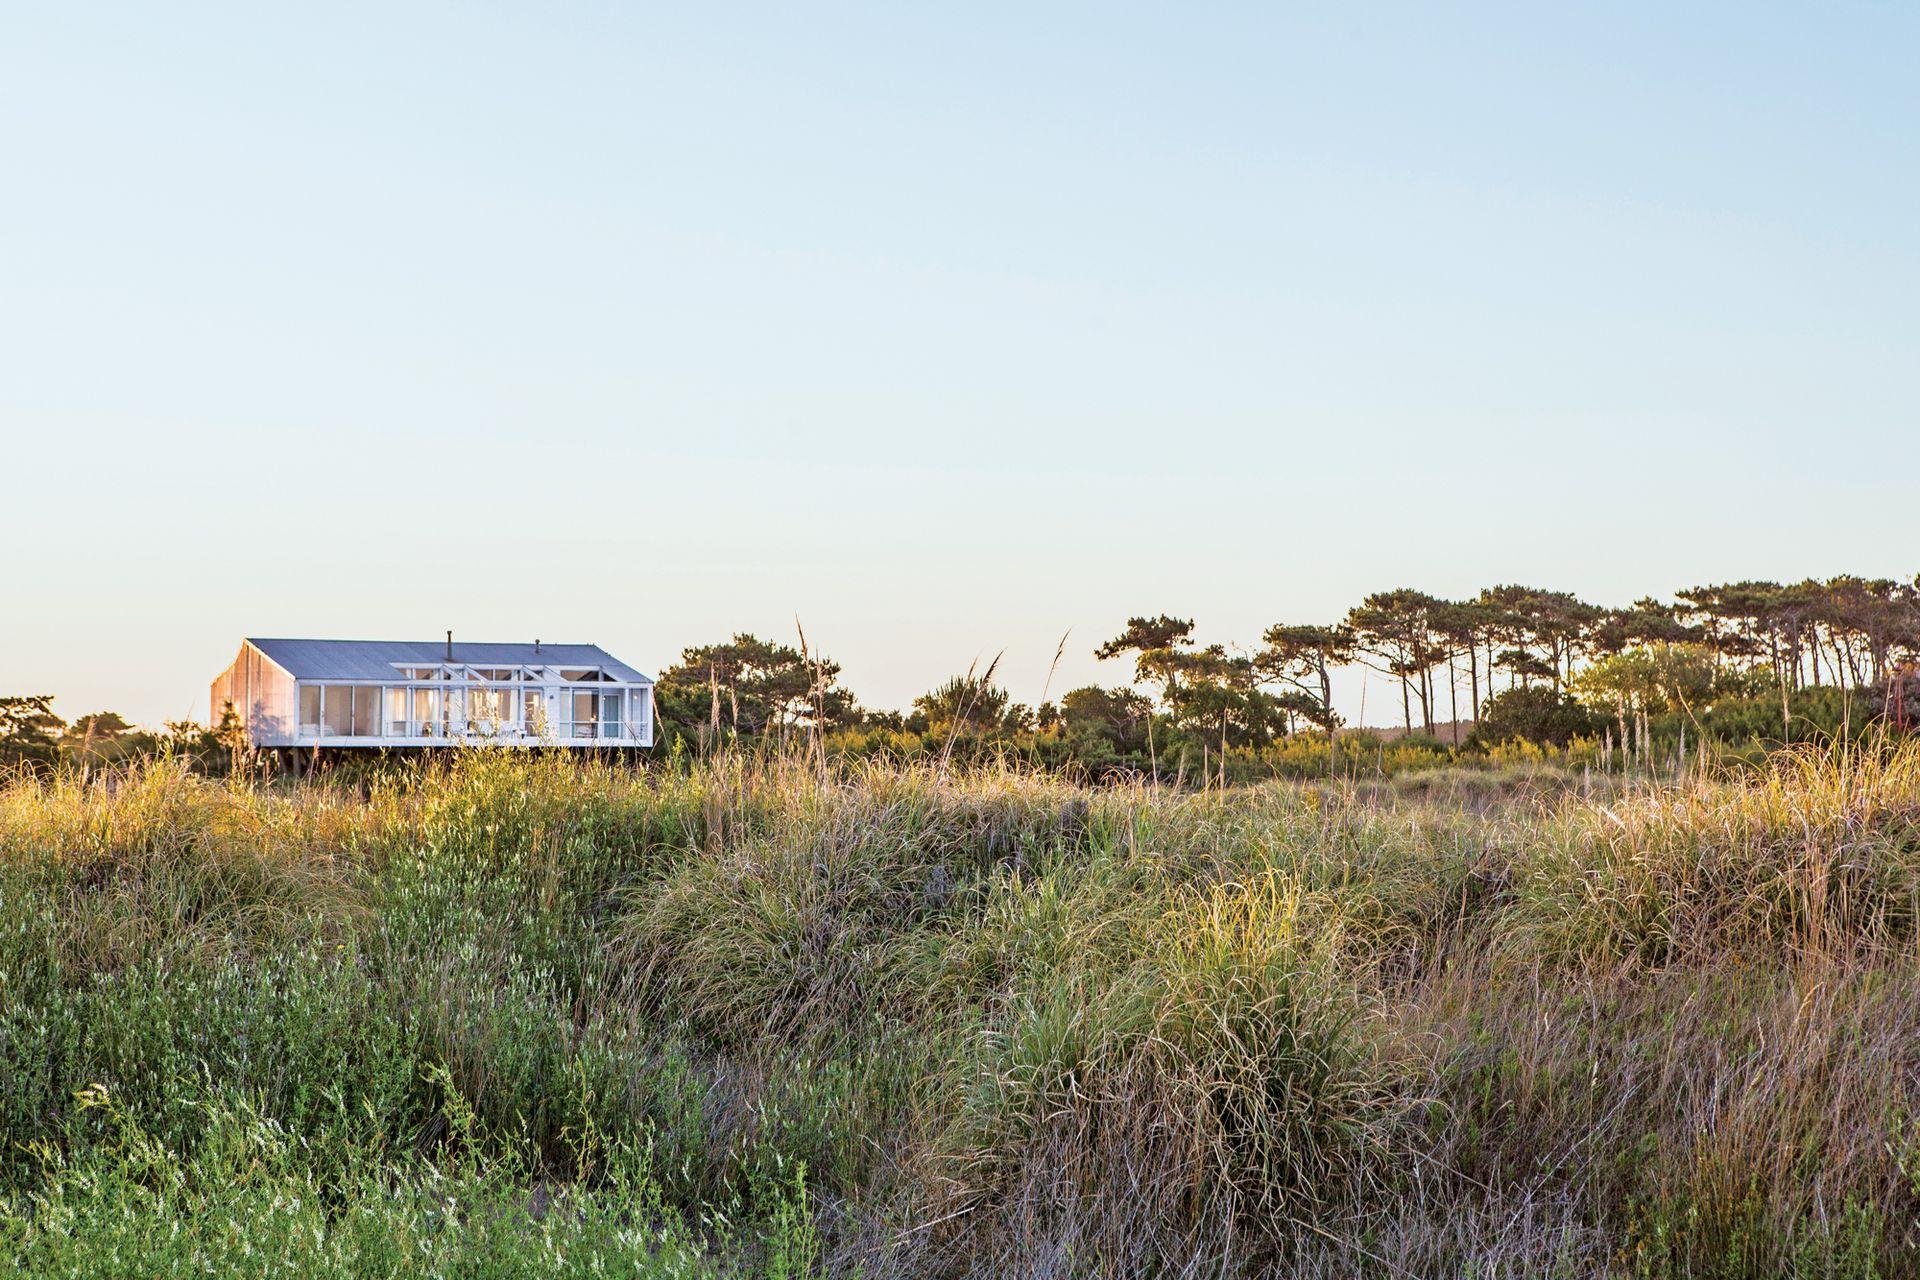 Las vistas que ofrece Tamariscos impacta a los visitantes que llegan a través de Airbnb